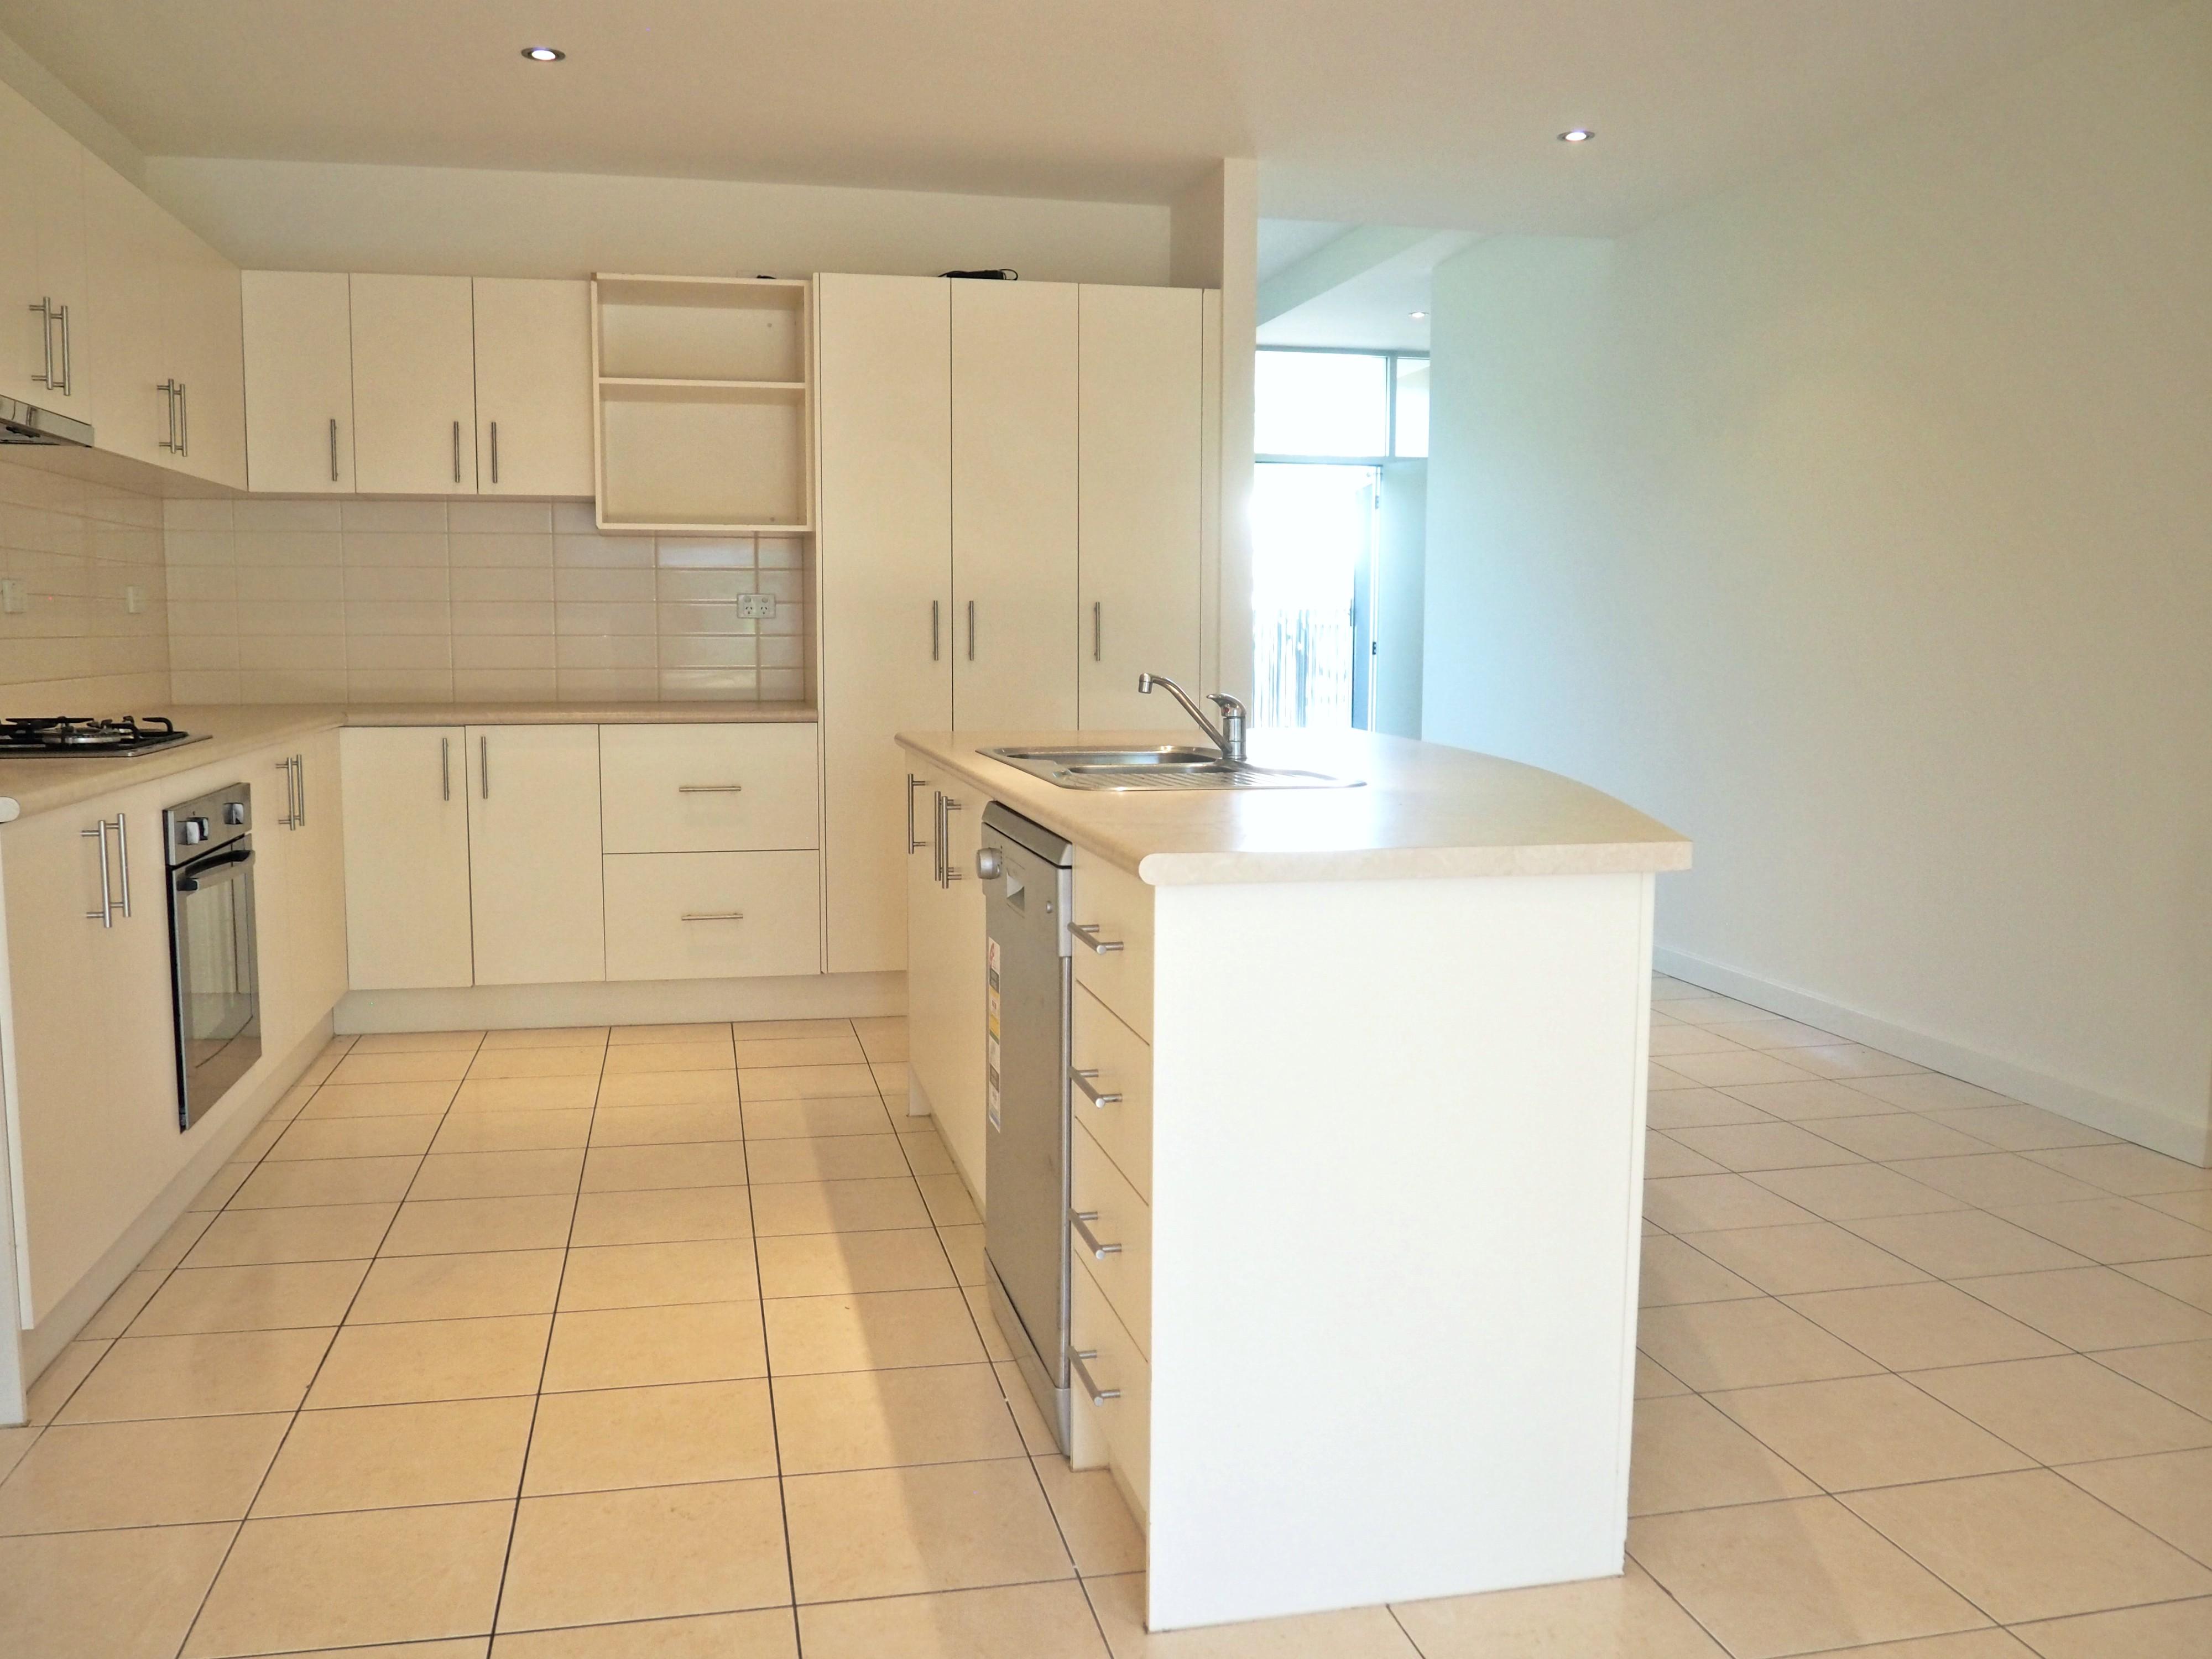 mydimport-1596538590-hires.21004-kitchen.JPG